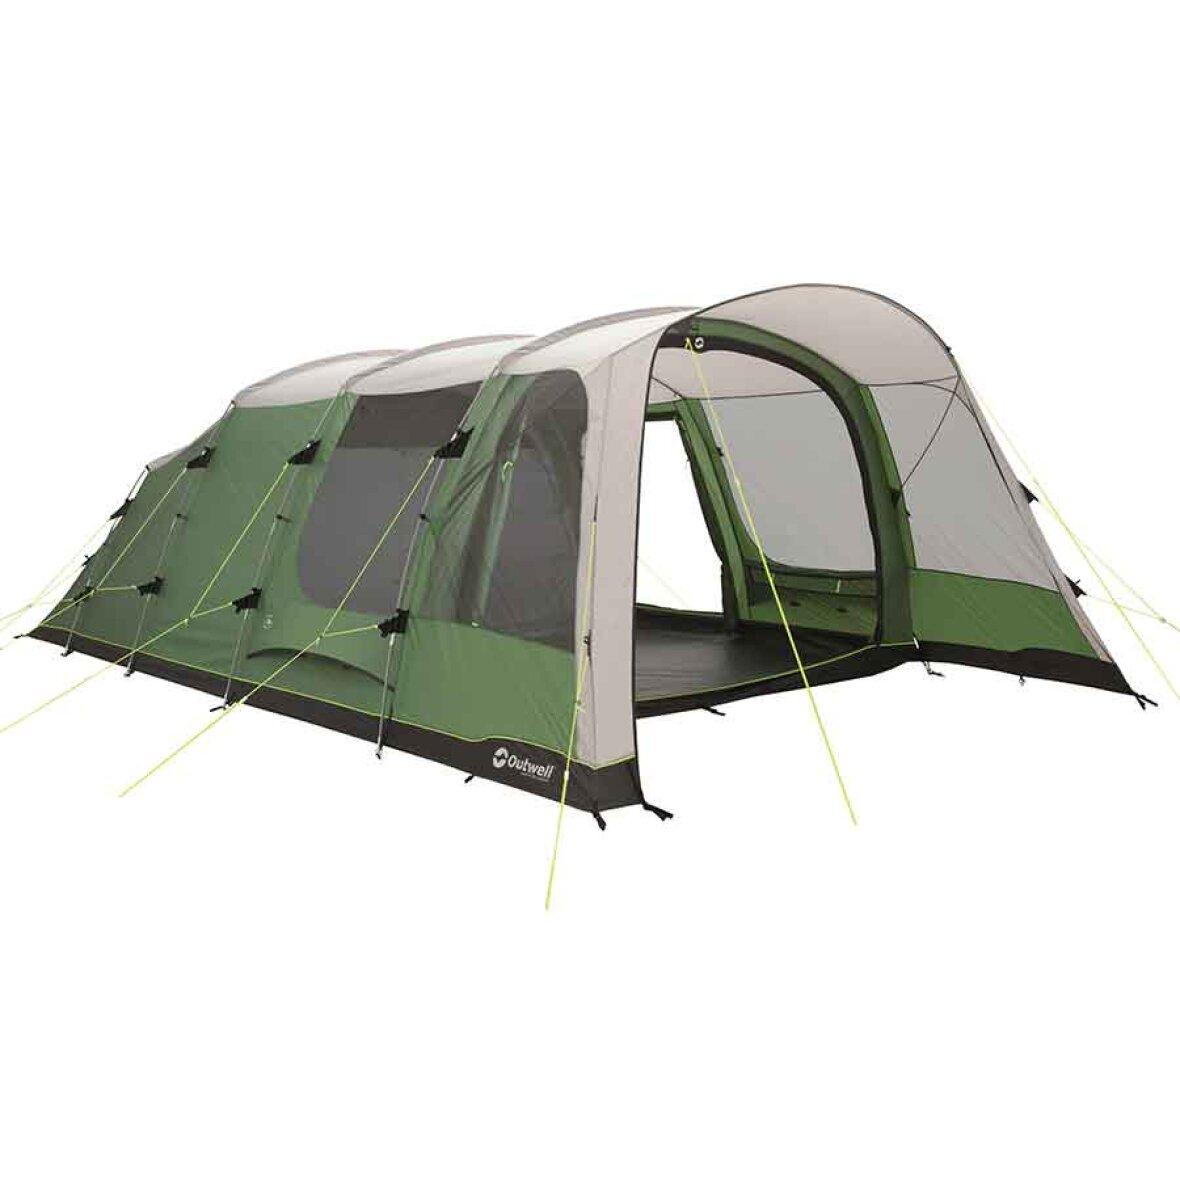 Køb Outwell og Robens telte til 5 8 personer her! Stort